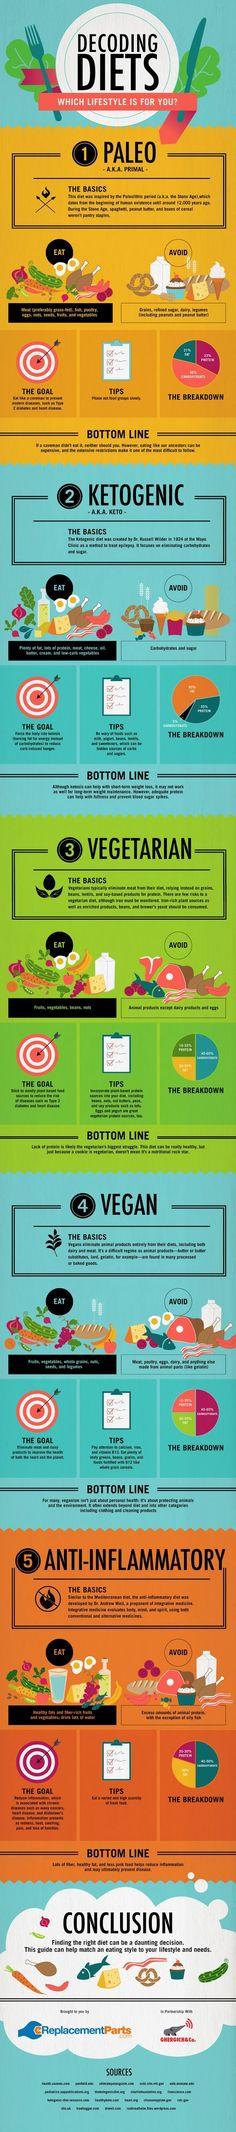 Skinny Diva Diet: Paleo, Ketogenic, Vegetarian, Vegan, Anti-Inflammatory - Decoding Diets [Infographic]